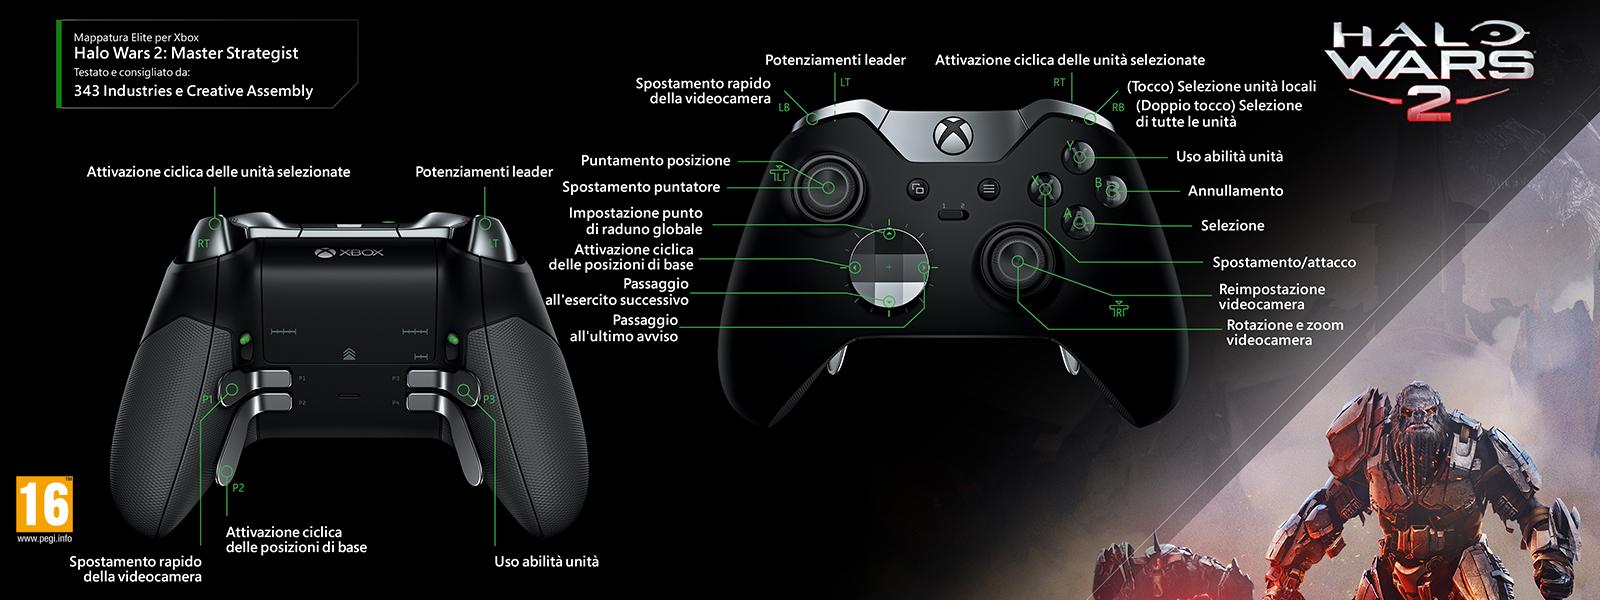 Halo Wars 2 – Maestro di strategia